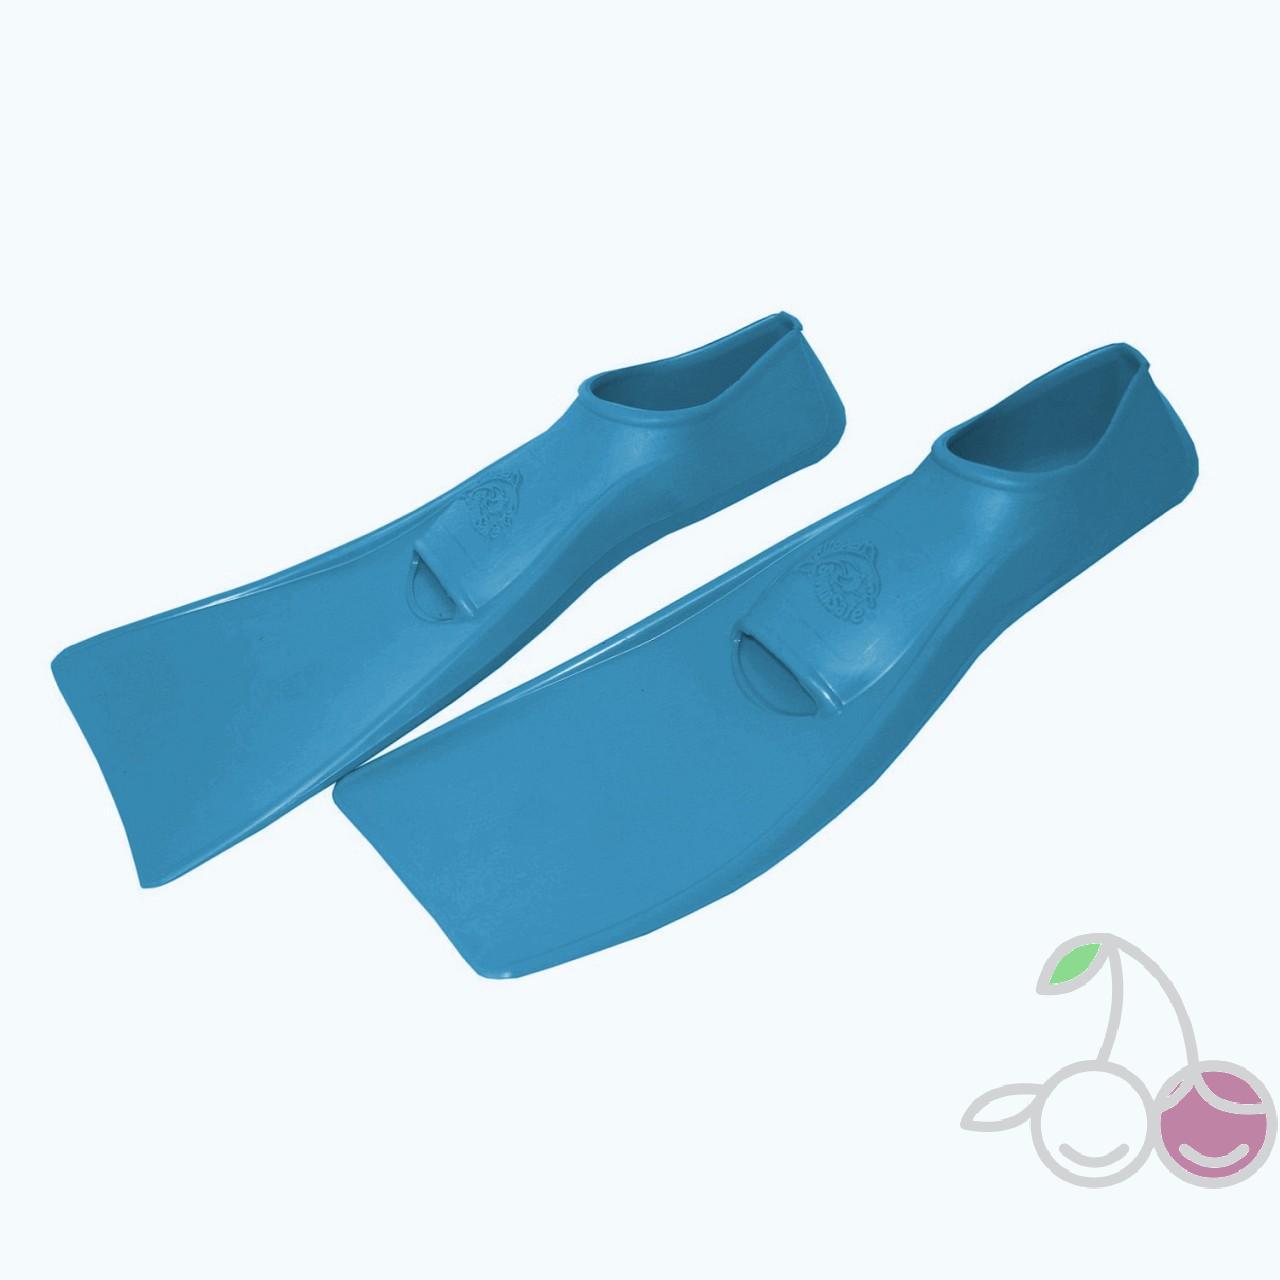 Ласты для бассейна резиновые детские размеры 21-22 синие ПРОПЕРКЭРРИ (ProperCarry), - фото 2